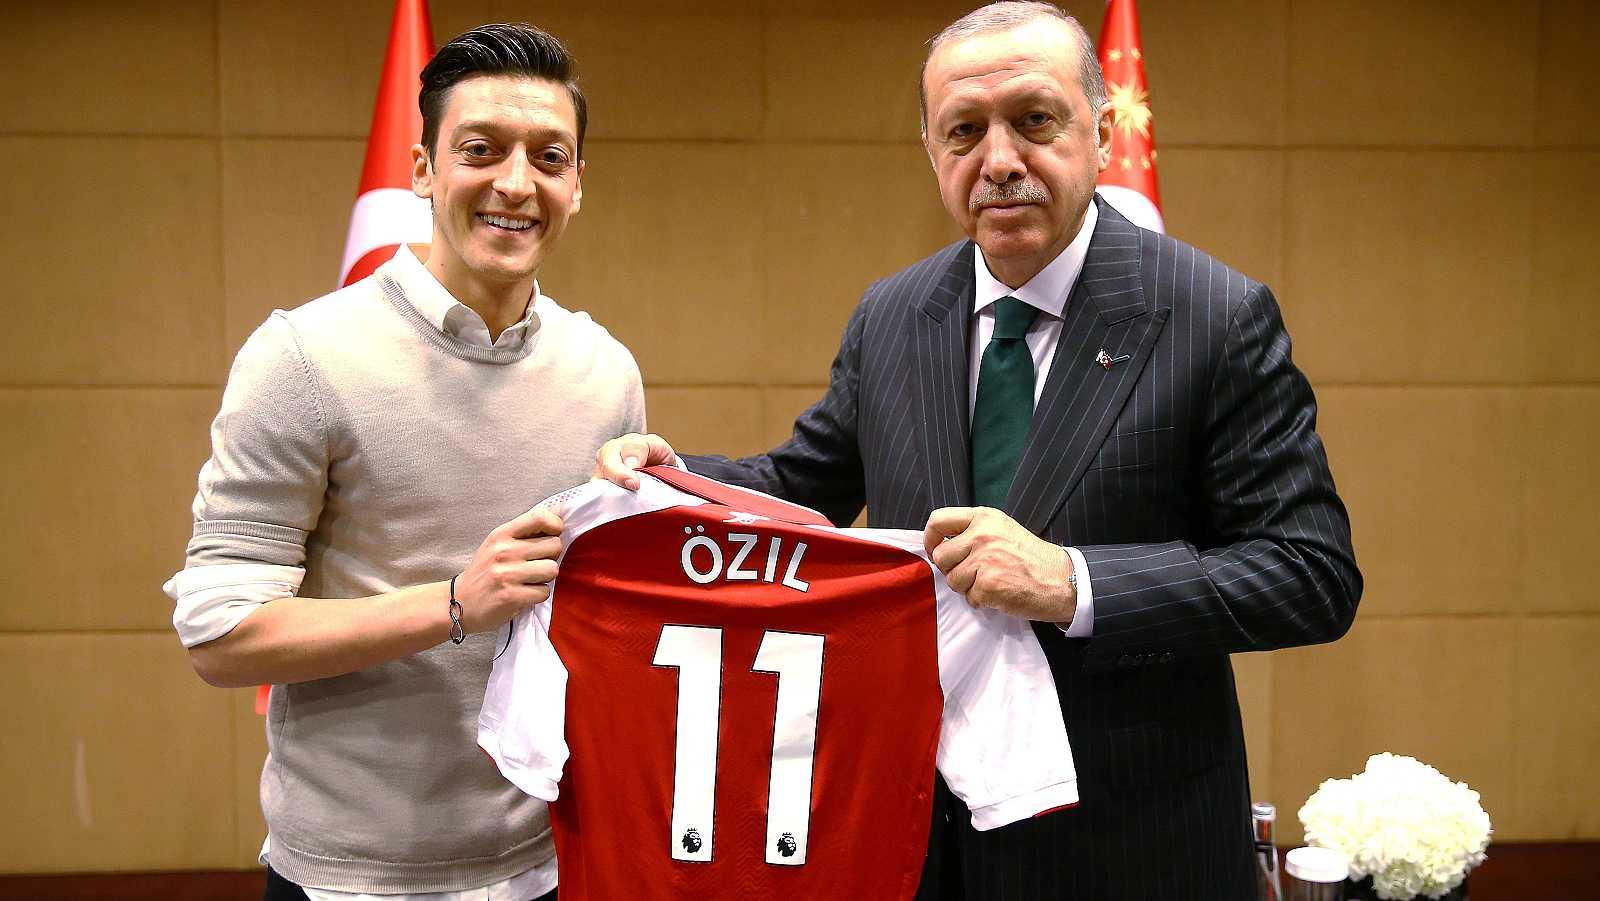 La retirada de la selección de Özil, envuelta en polémica